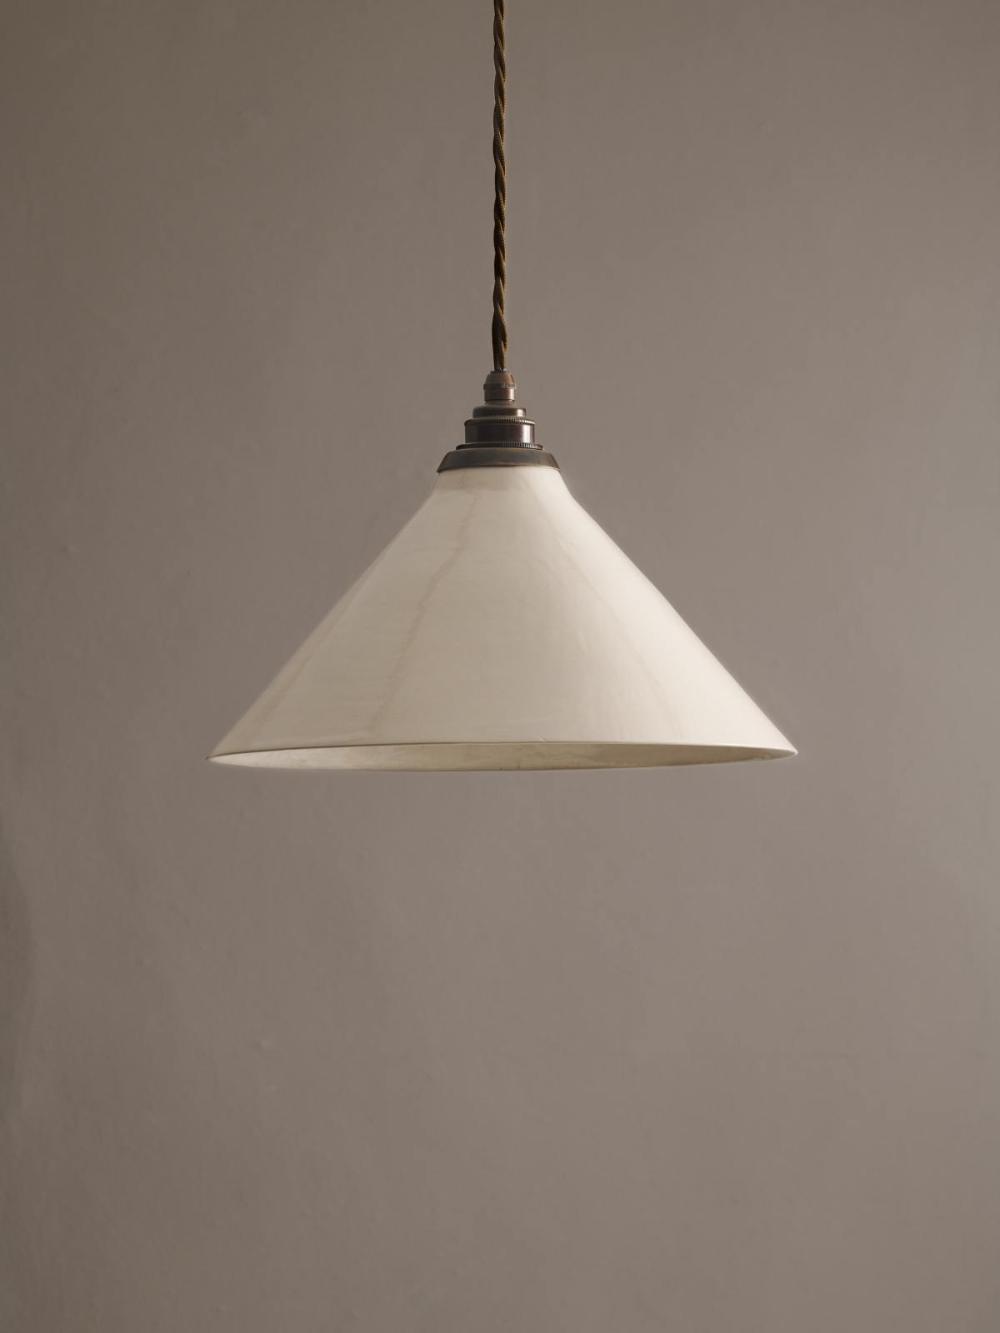 Large Creamware Pendant Light Devol Kitchens In 2020 Pendant Light Creamware Ceiling Rose